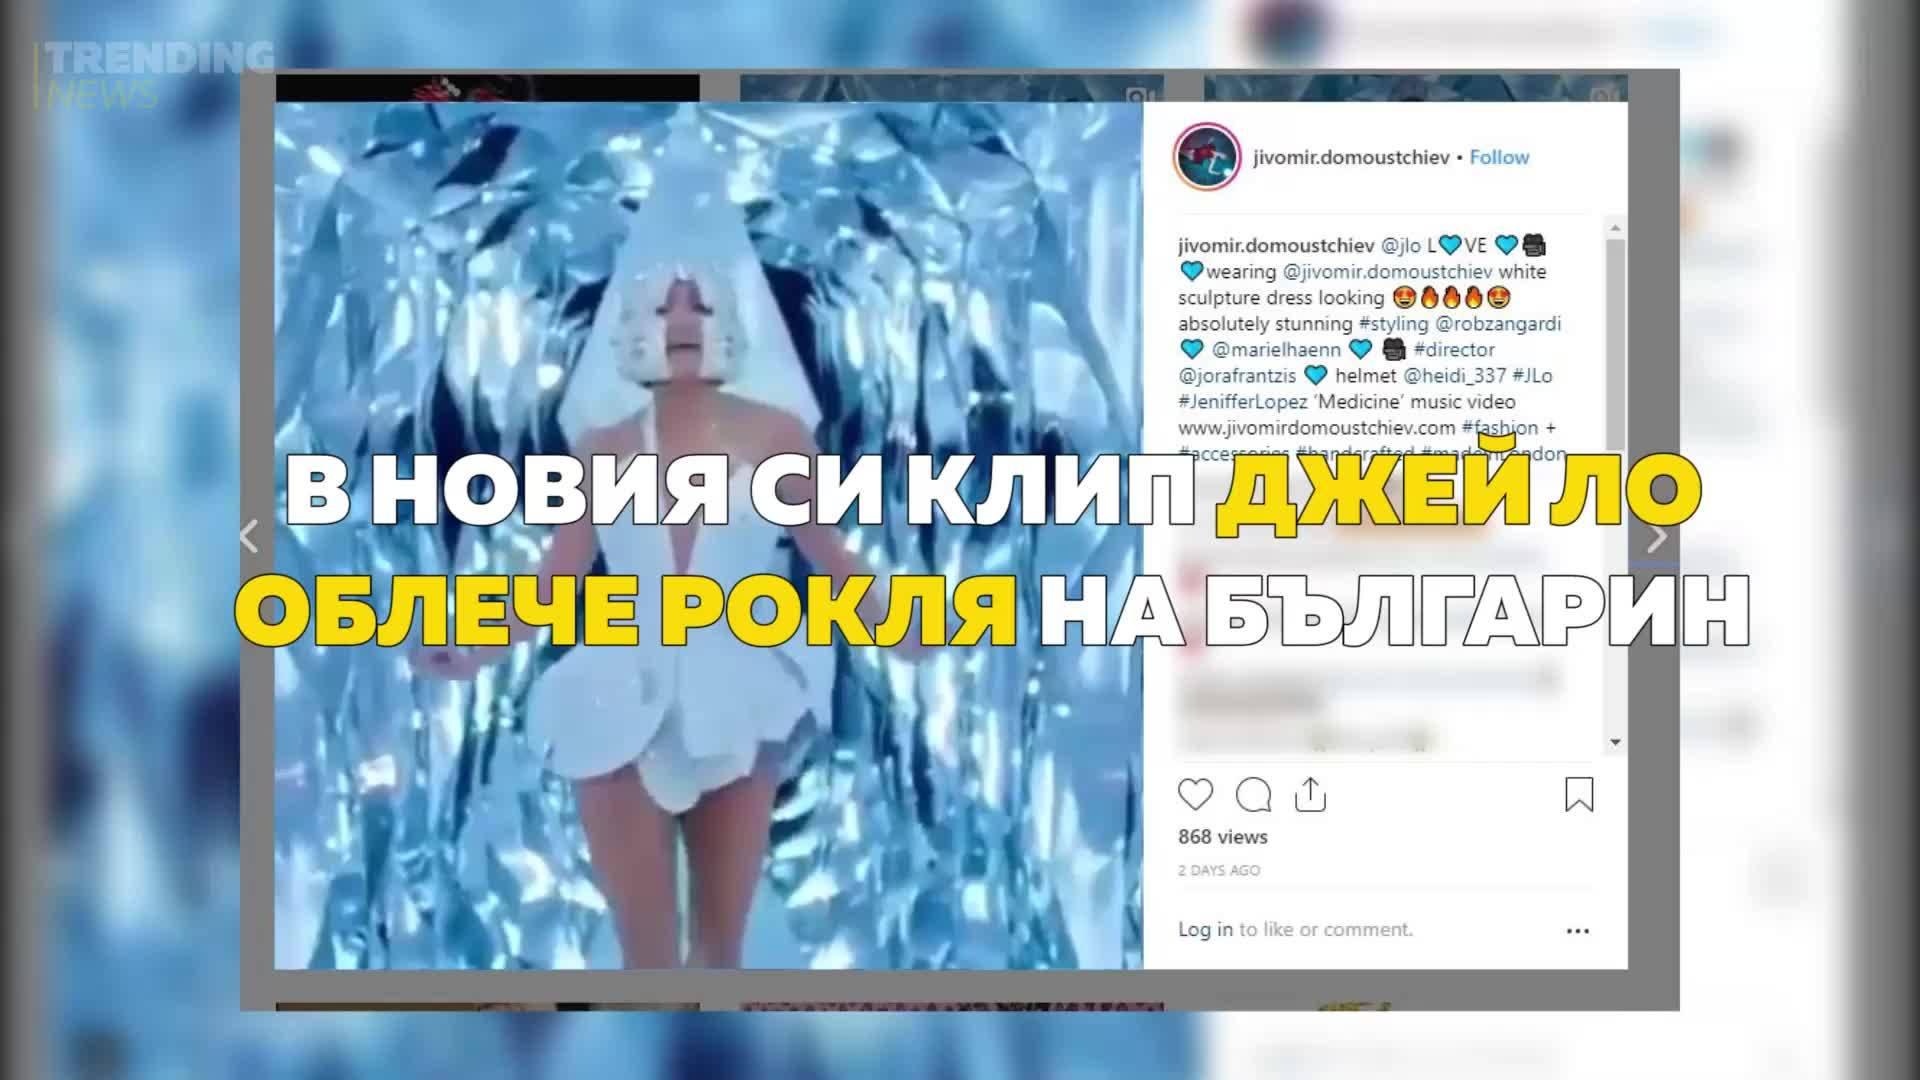 В новия си клип Джей Ло облече рокля на българин